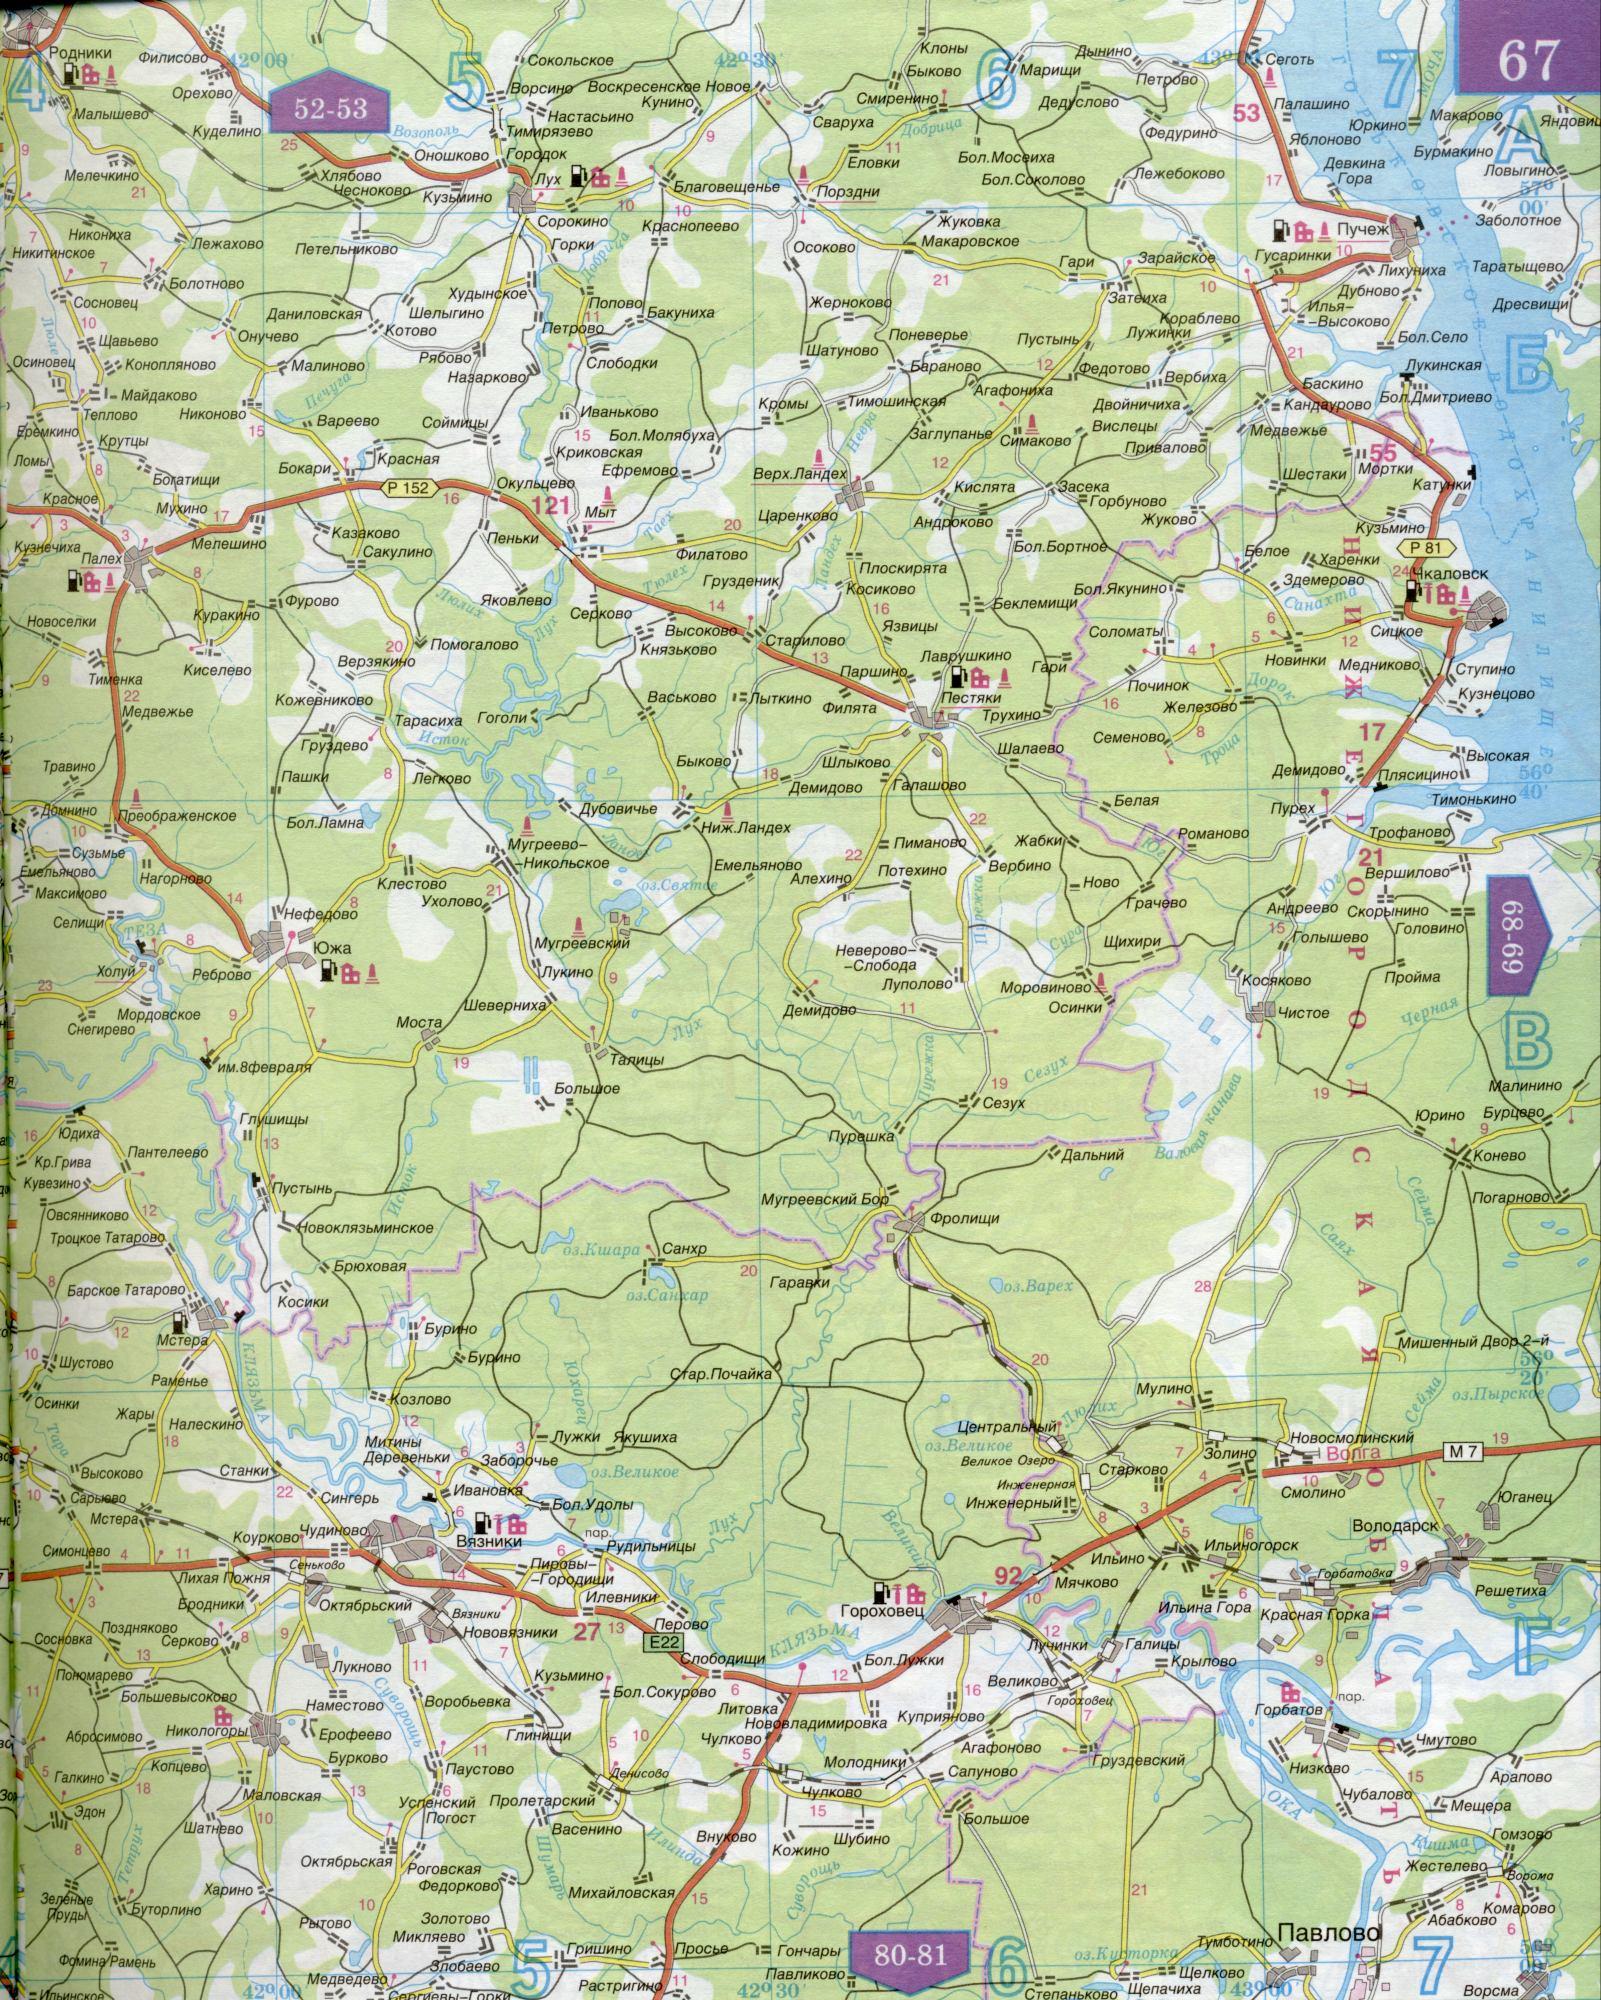 Автомобильные дороги Ивановской области масштаба 1см:5км, показана соседняя с Ивановской Костромская обл.